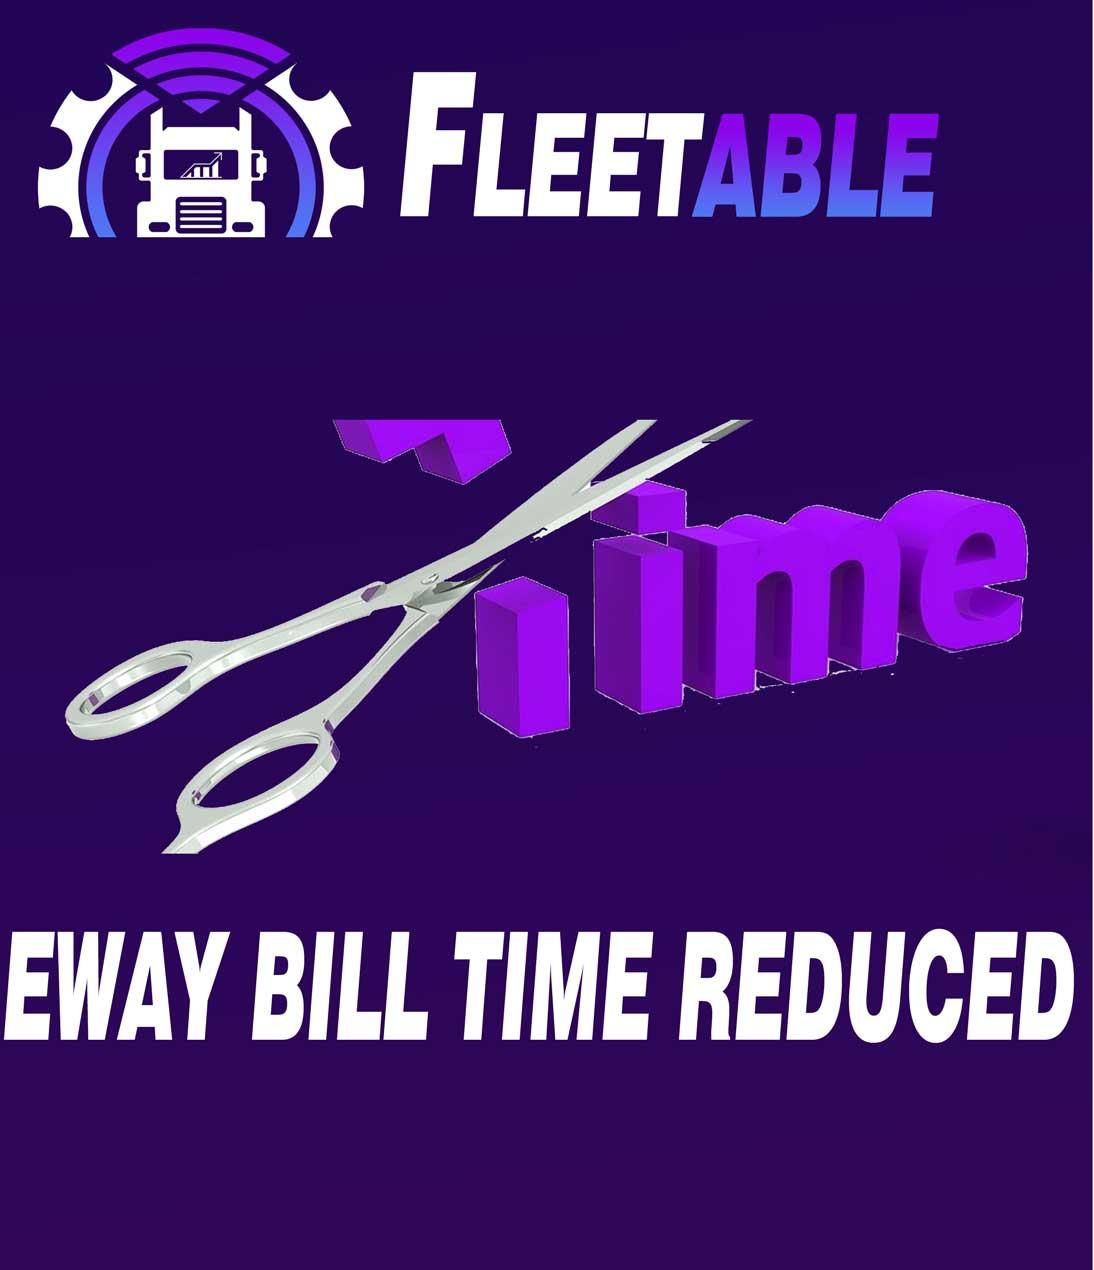 EWAYBILL-TIME-REDUCED